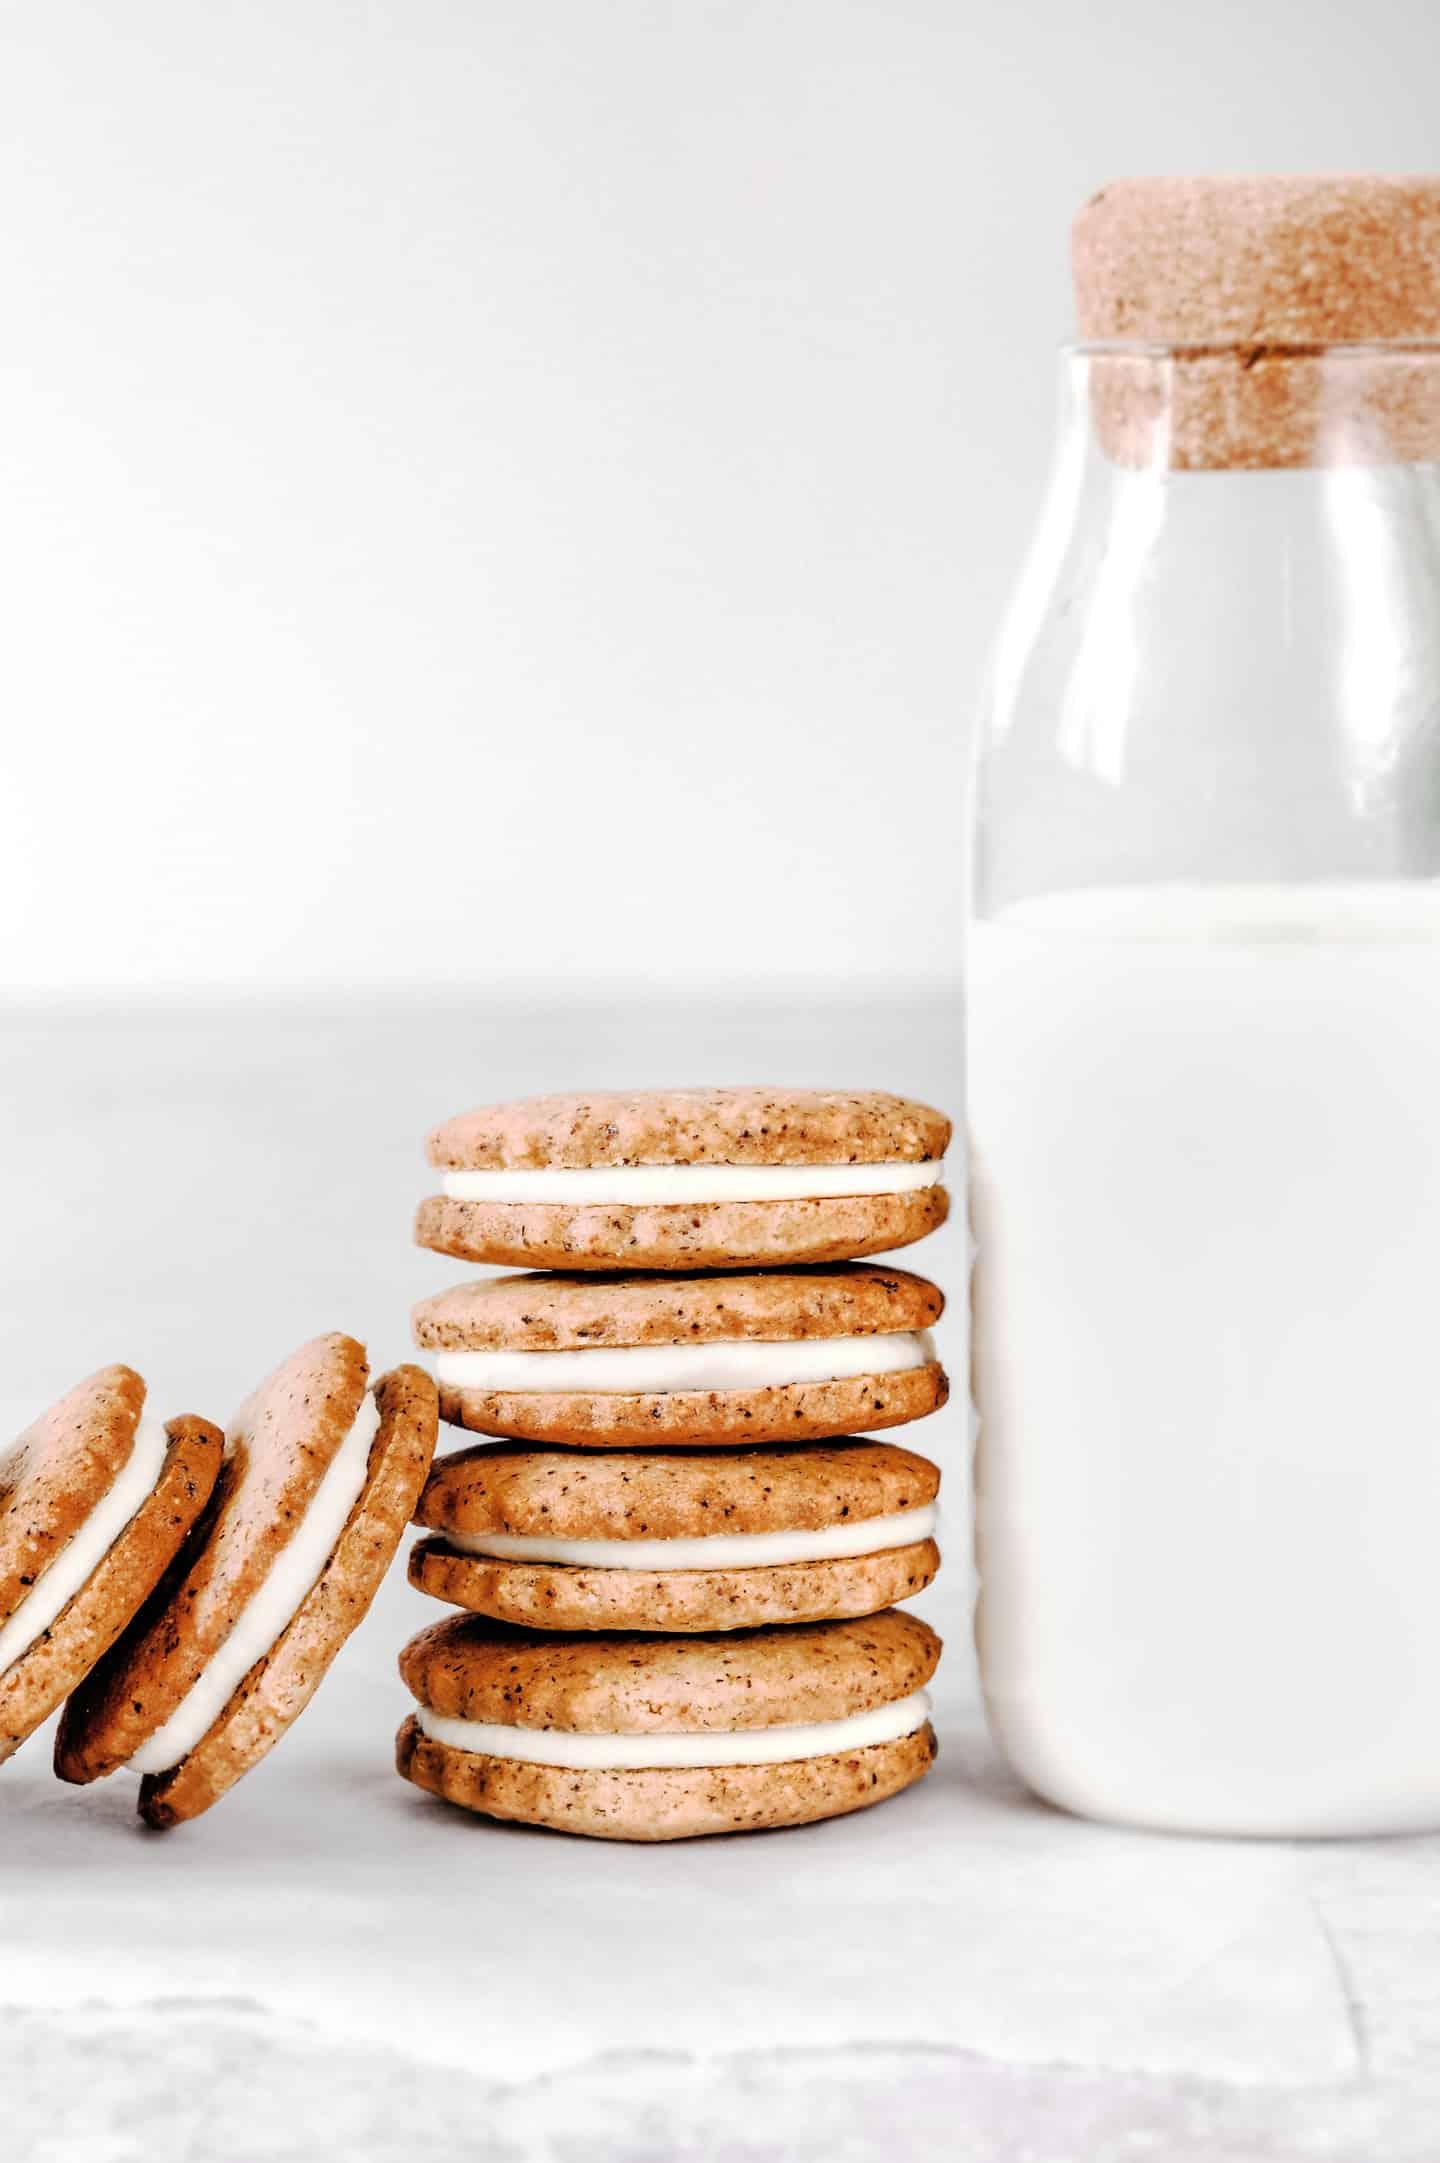 Les biscuits sablés au chocolat